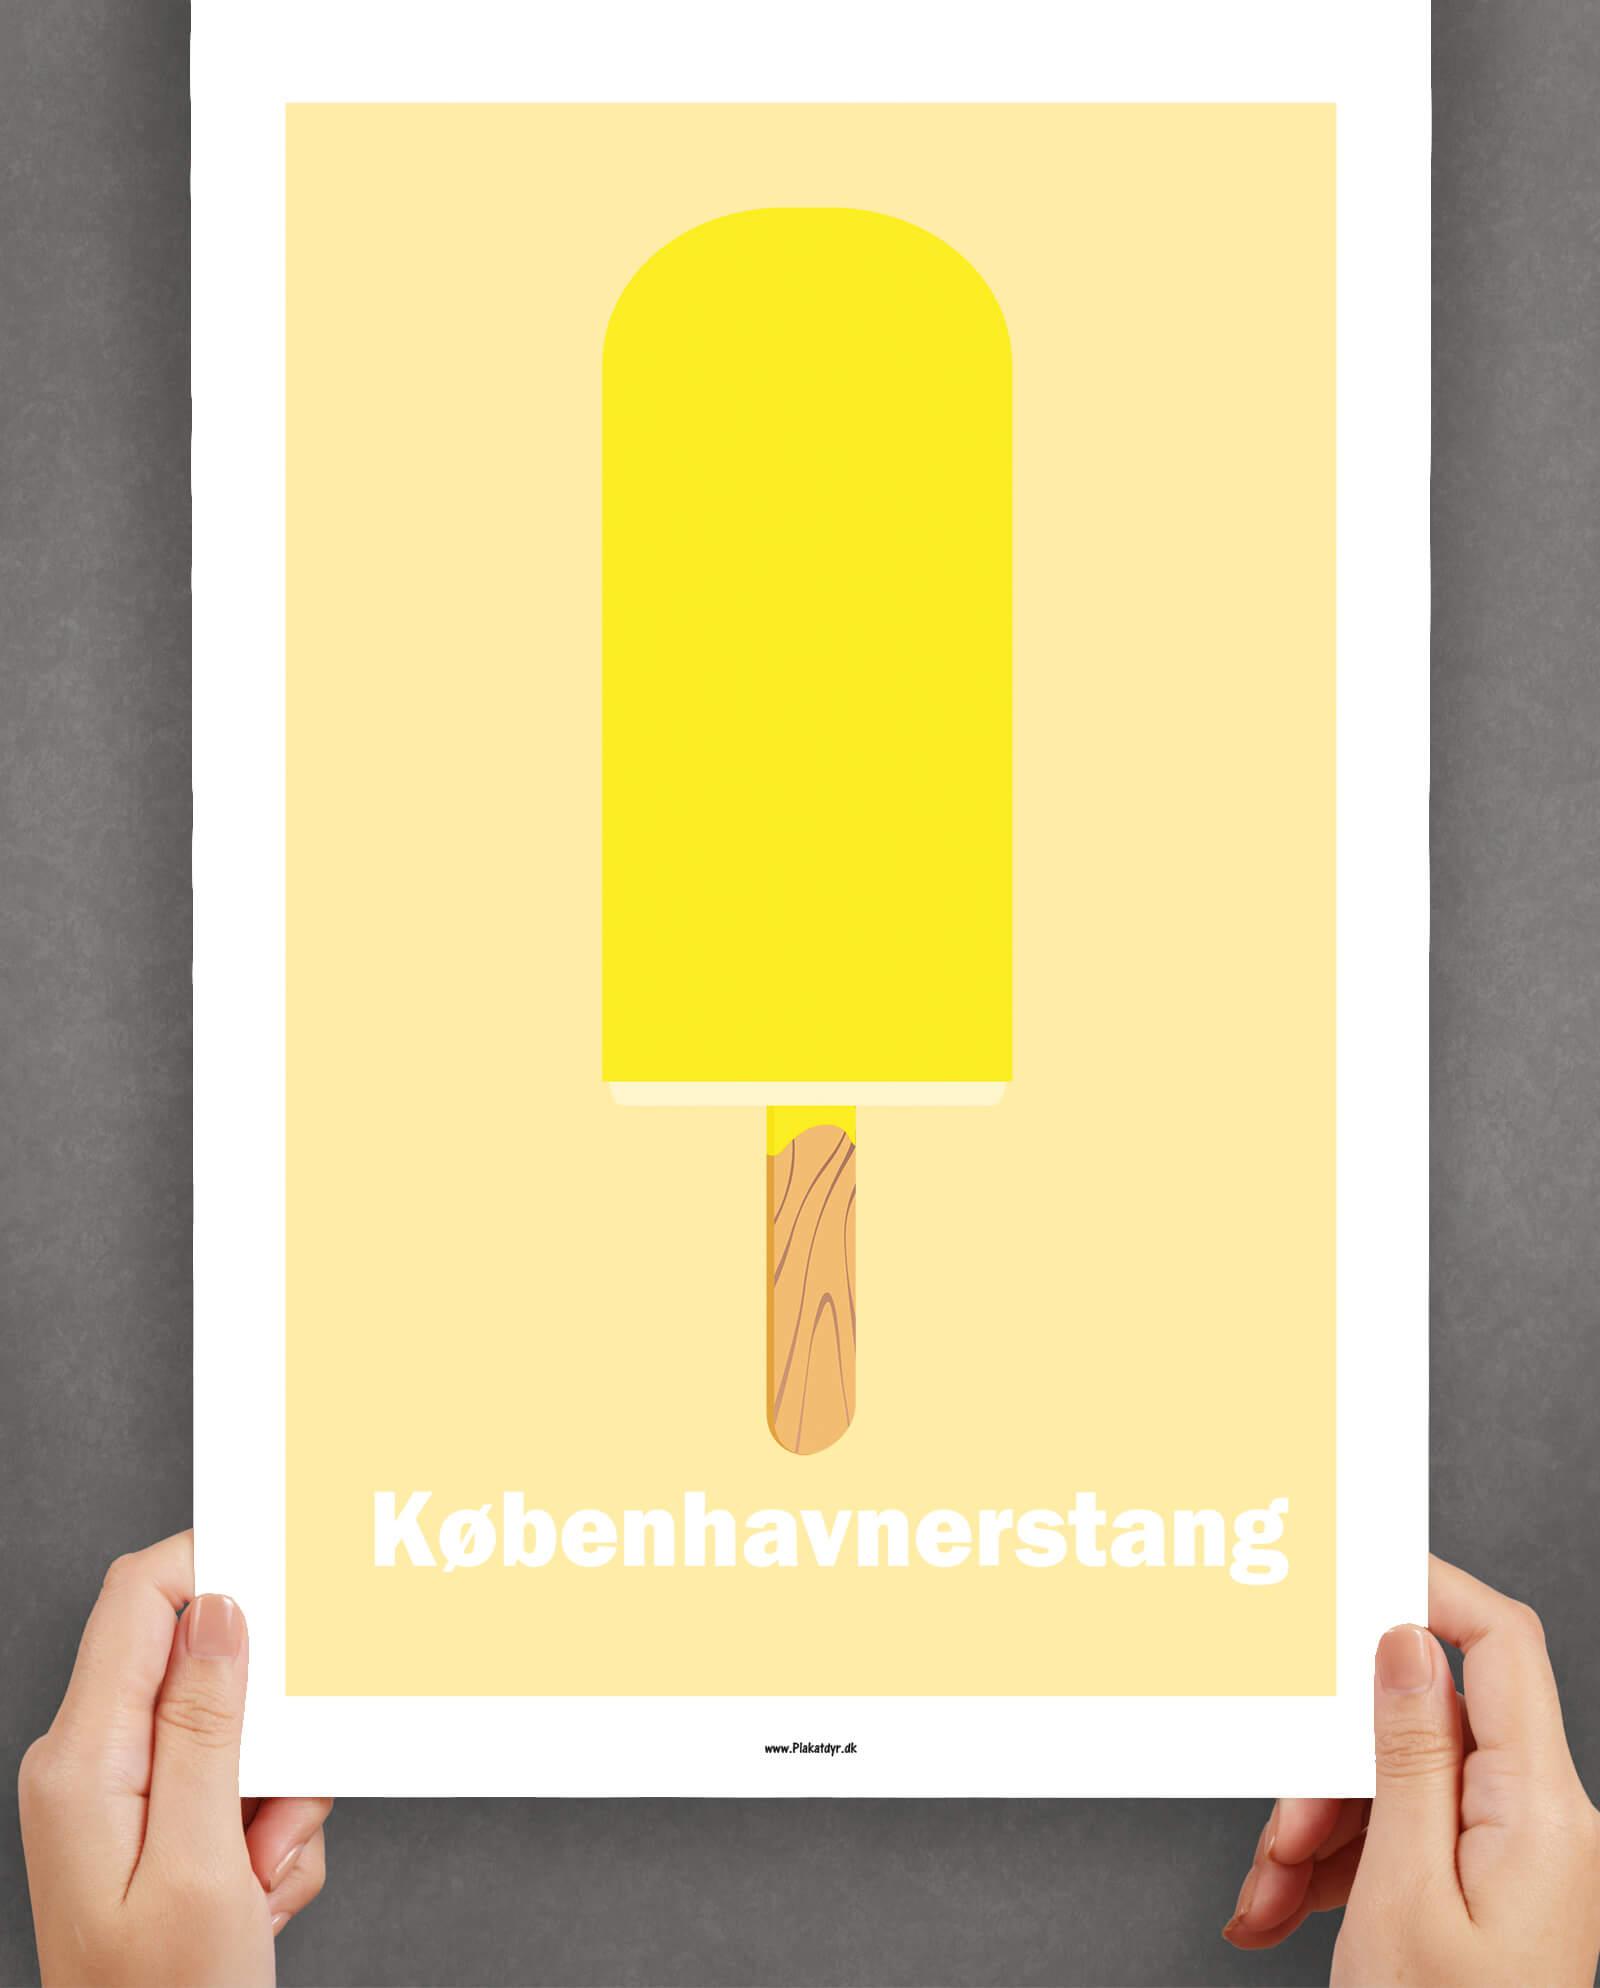 koebenhavnerstang-plakat-gul-1